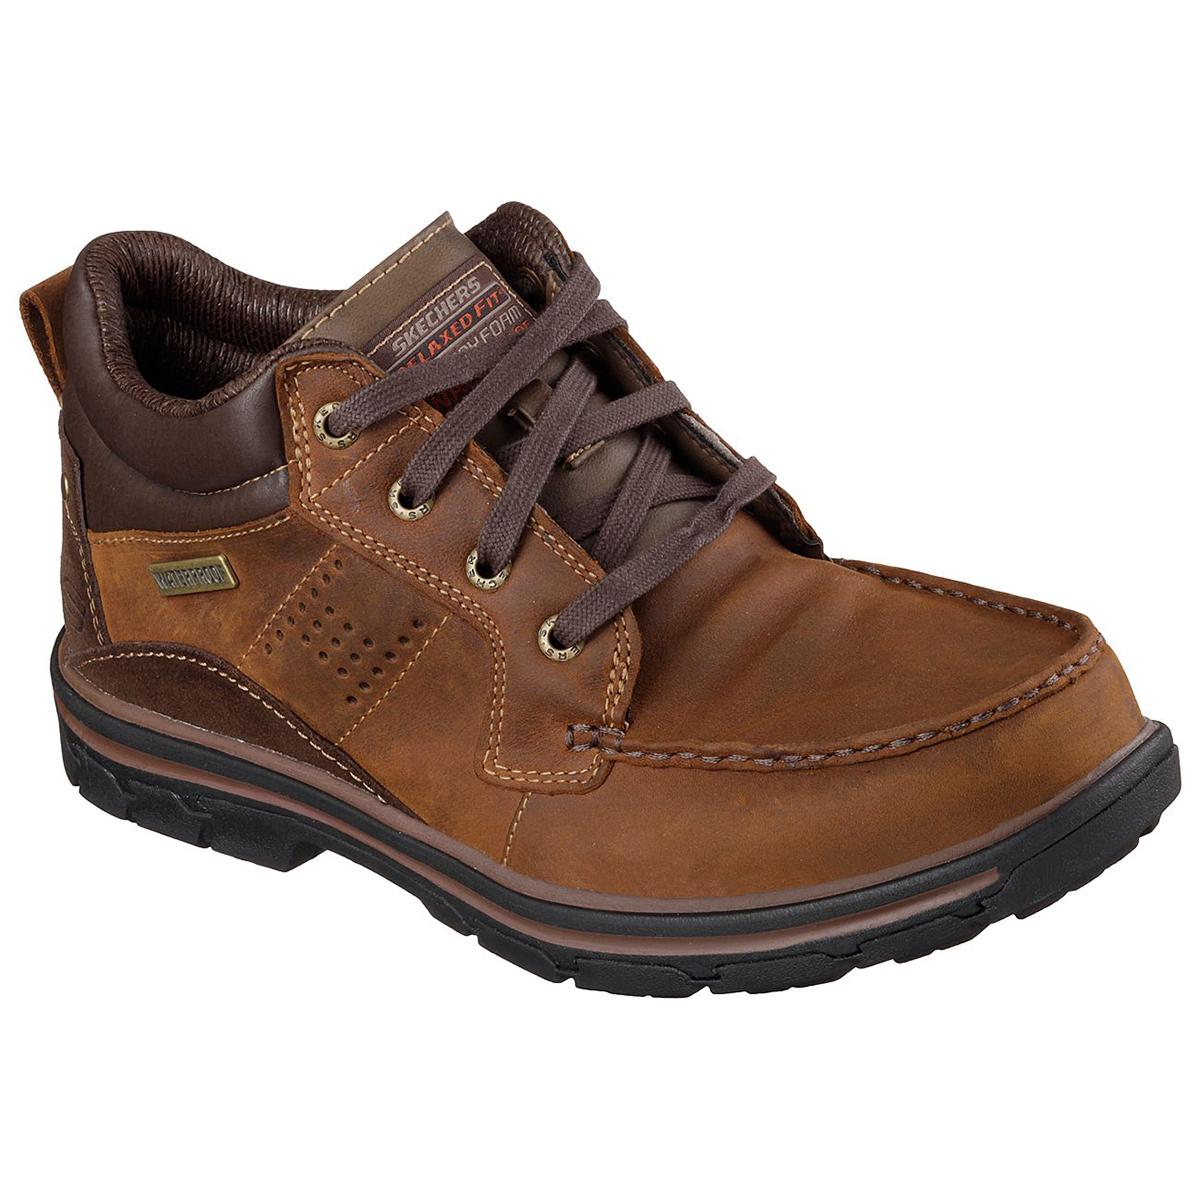 Skechers Men's Segment Melego Boots - Brown, 10